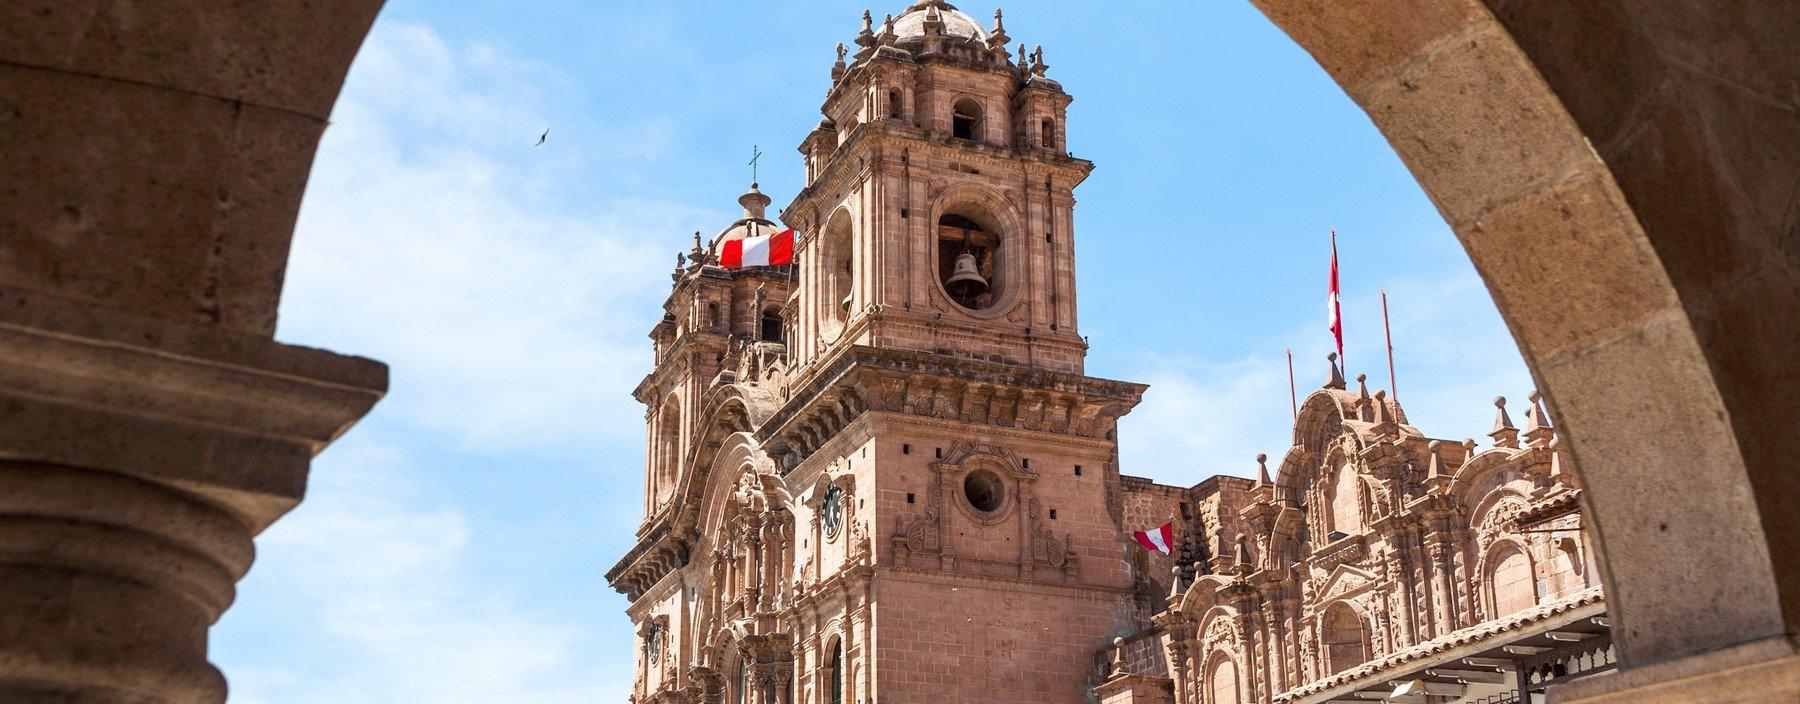 pe, cuzco, kathedraal (1).jpg